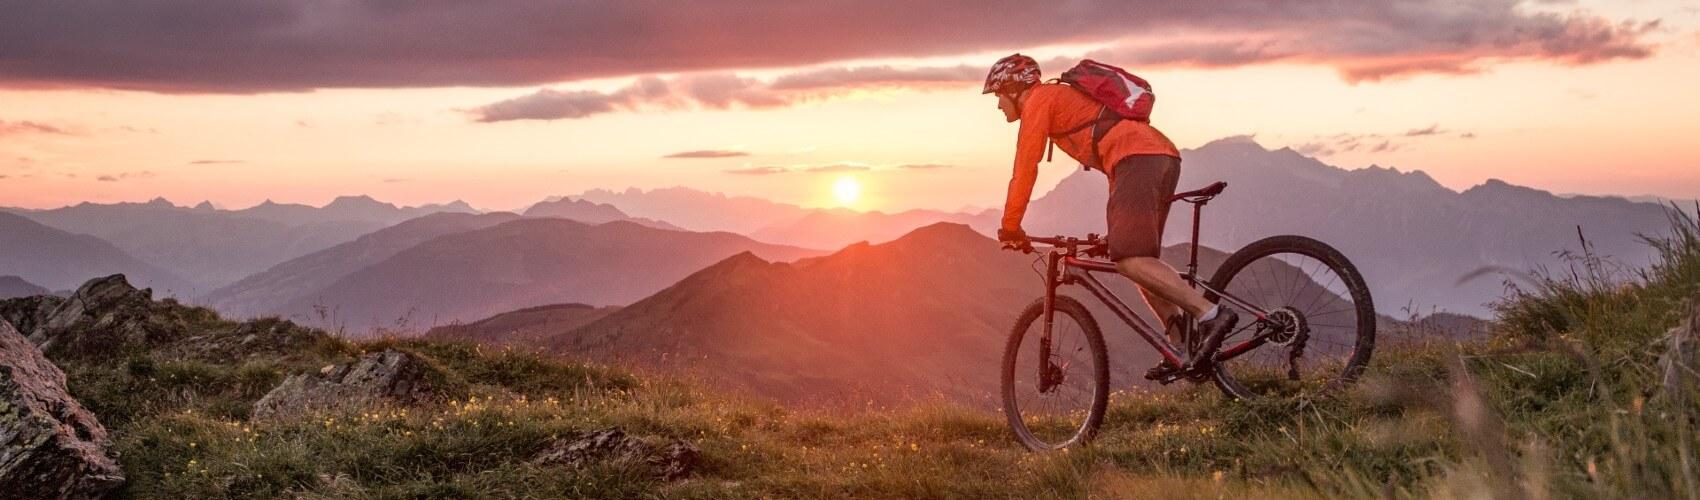 Mountainbike mit E-Bike Versicherung durch die Berge fahren